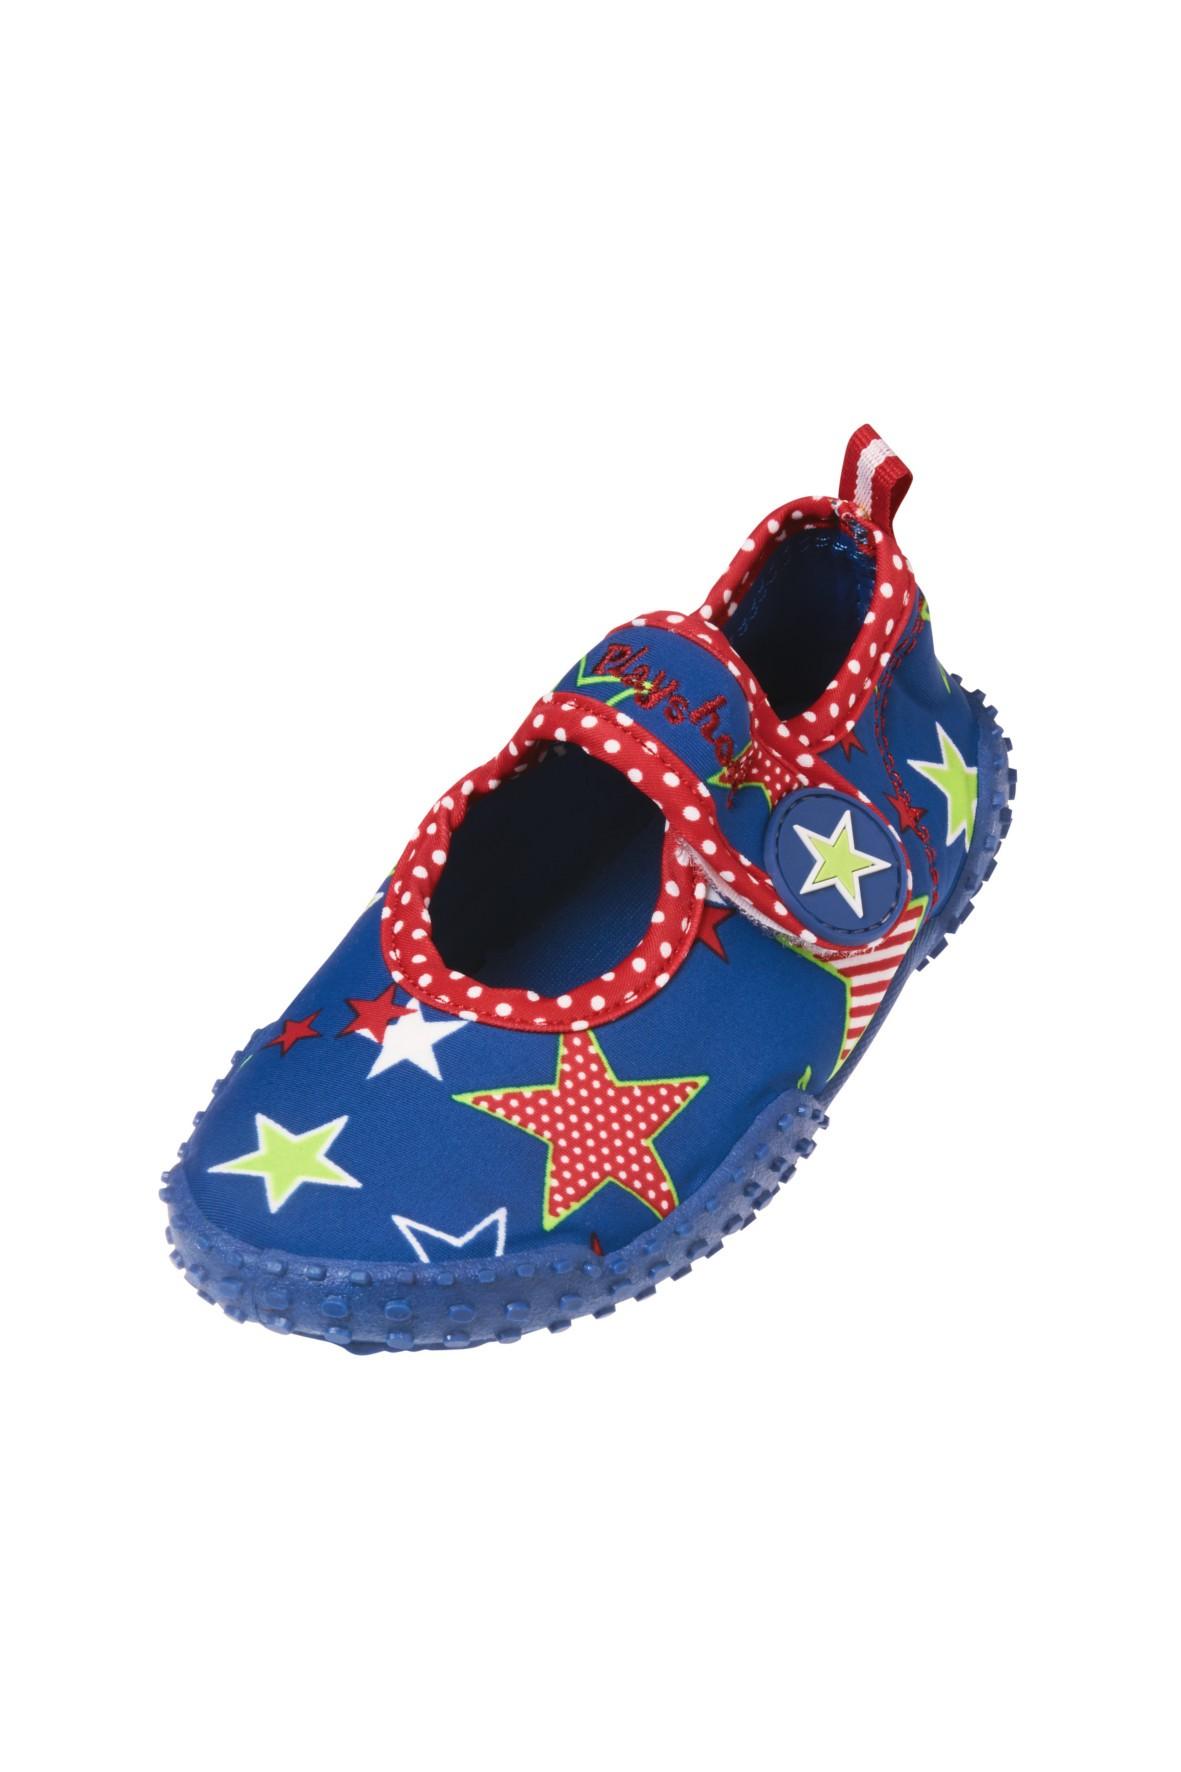 Buty kąpielowe z filtrem UV- granatowe w gwiazdki